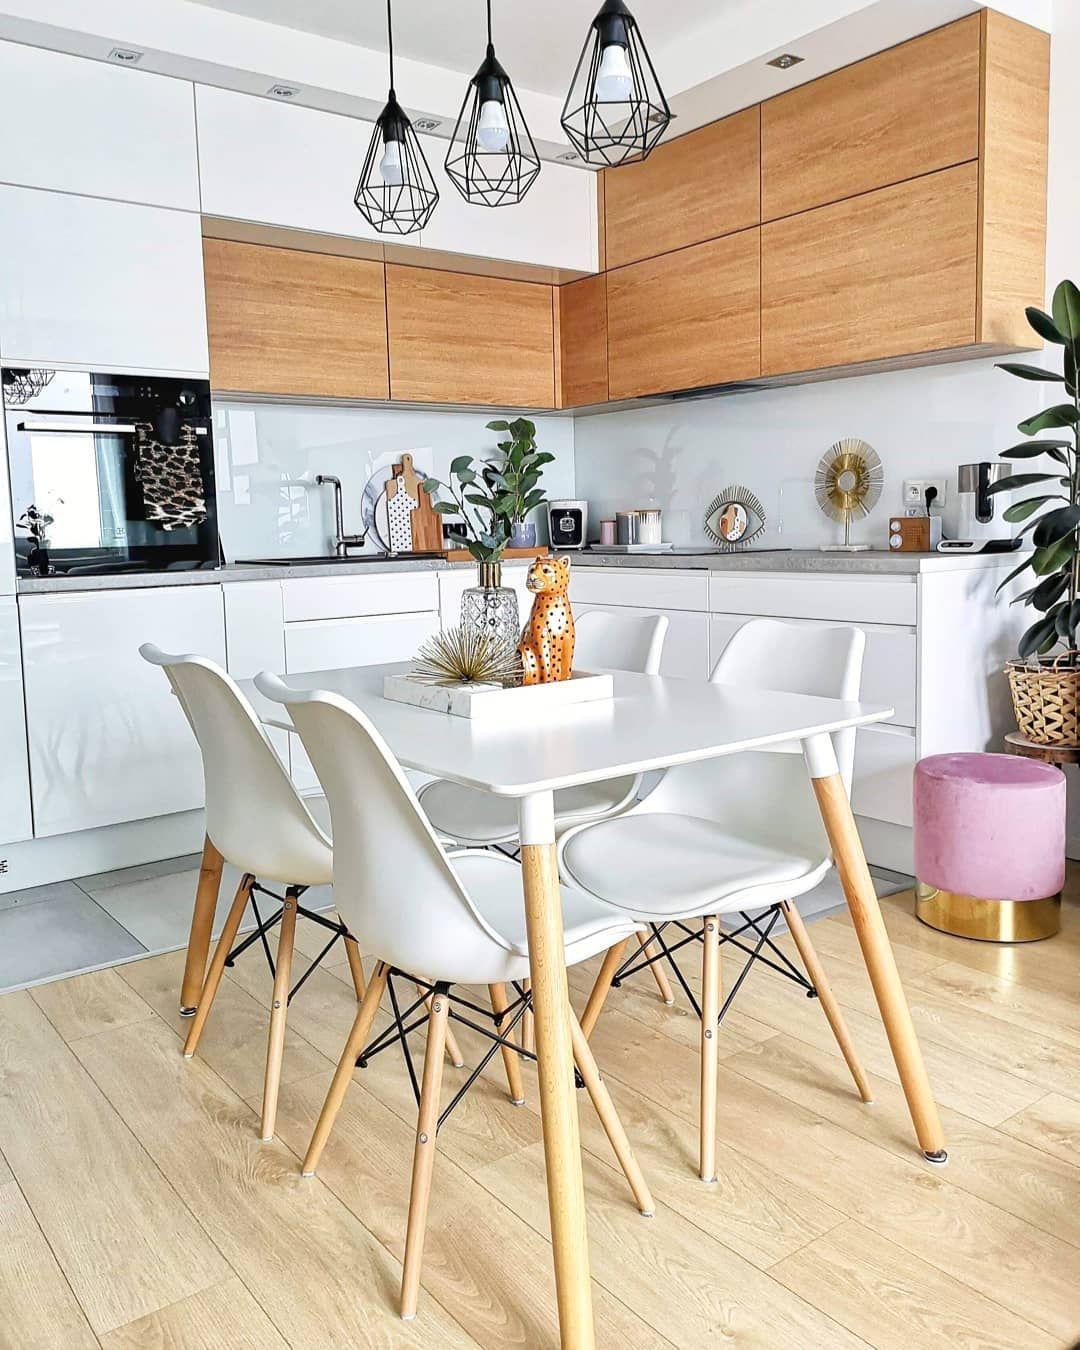 Sylwiasku On Instagram Dzien Dobry Kochani U Was Tez Zima Na Calego U Nas Troche Popadalo Ale Wsz Scandinavian Interior Style Home Decor Interior Styling